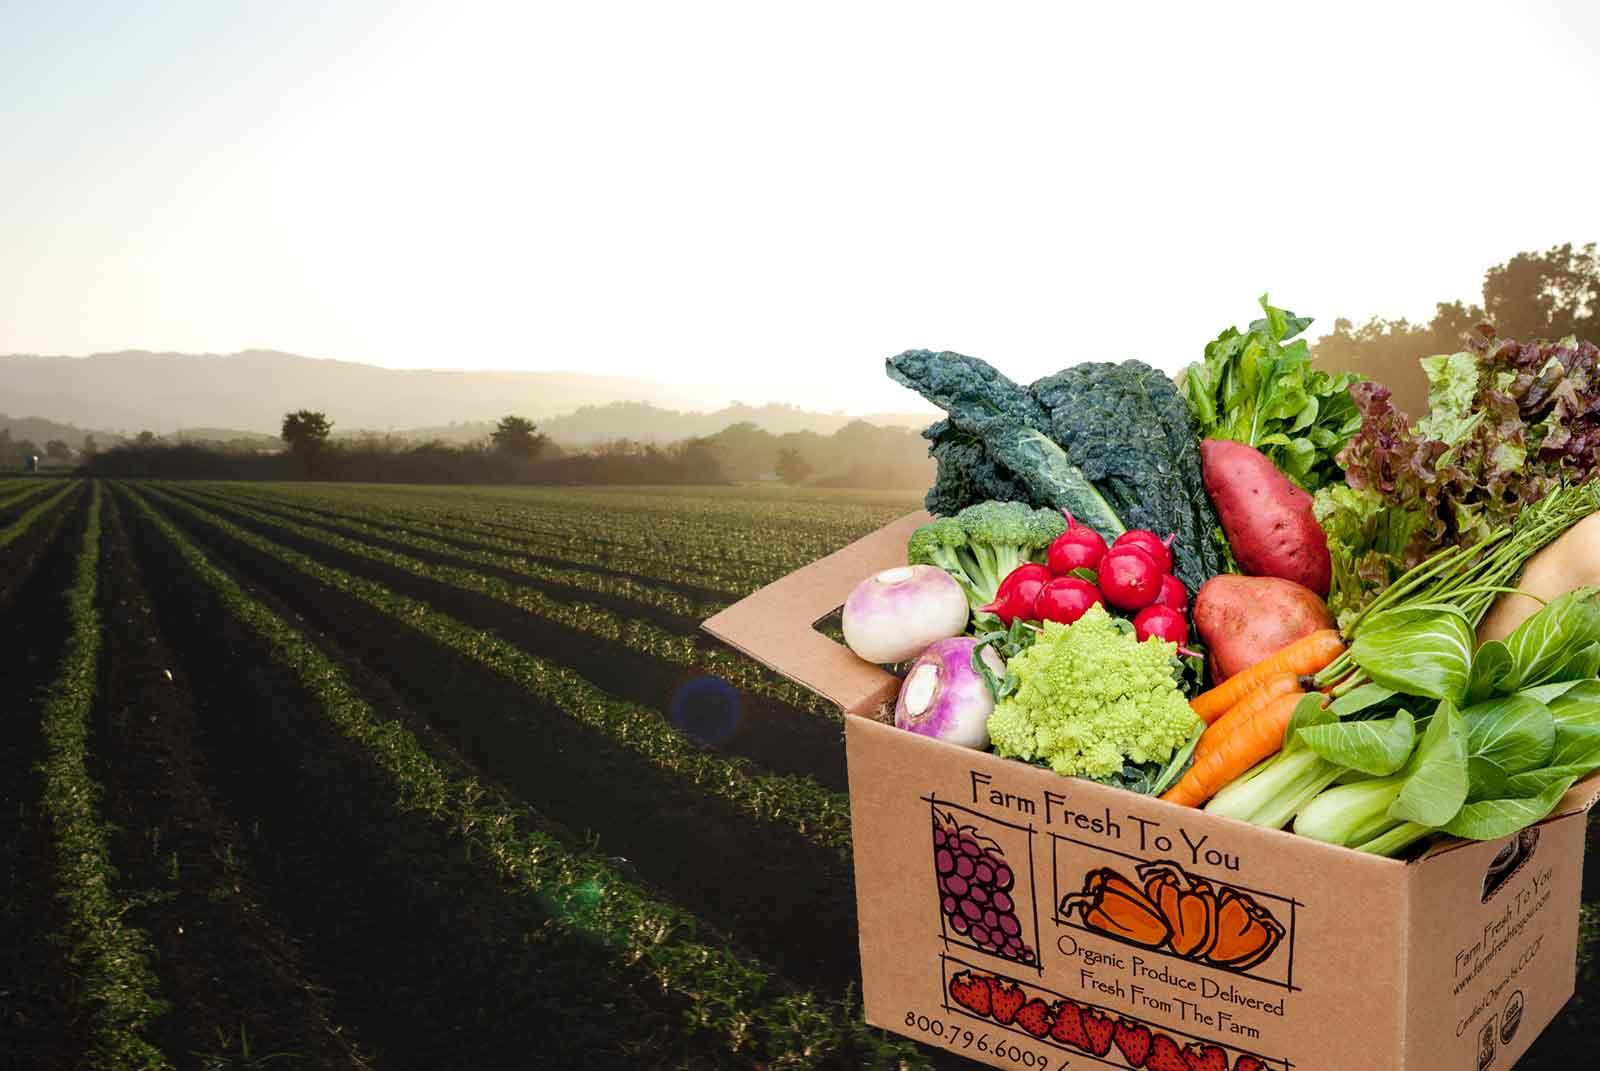 بازار کشاورزی-خرید محصولات کشاورزی